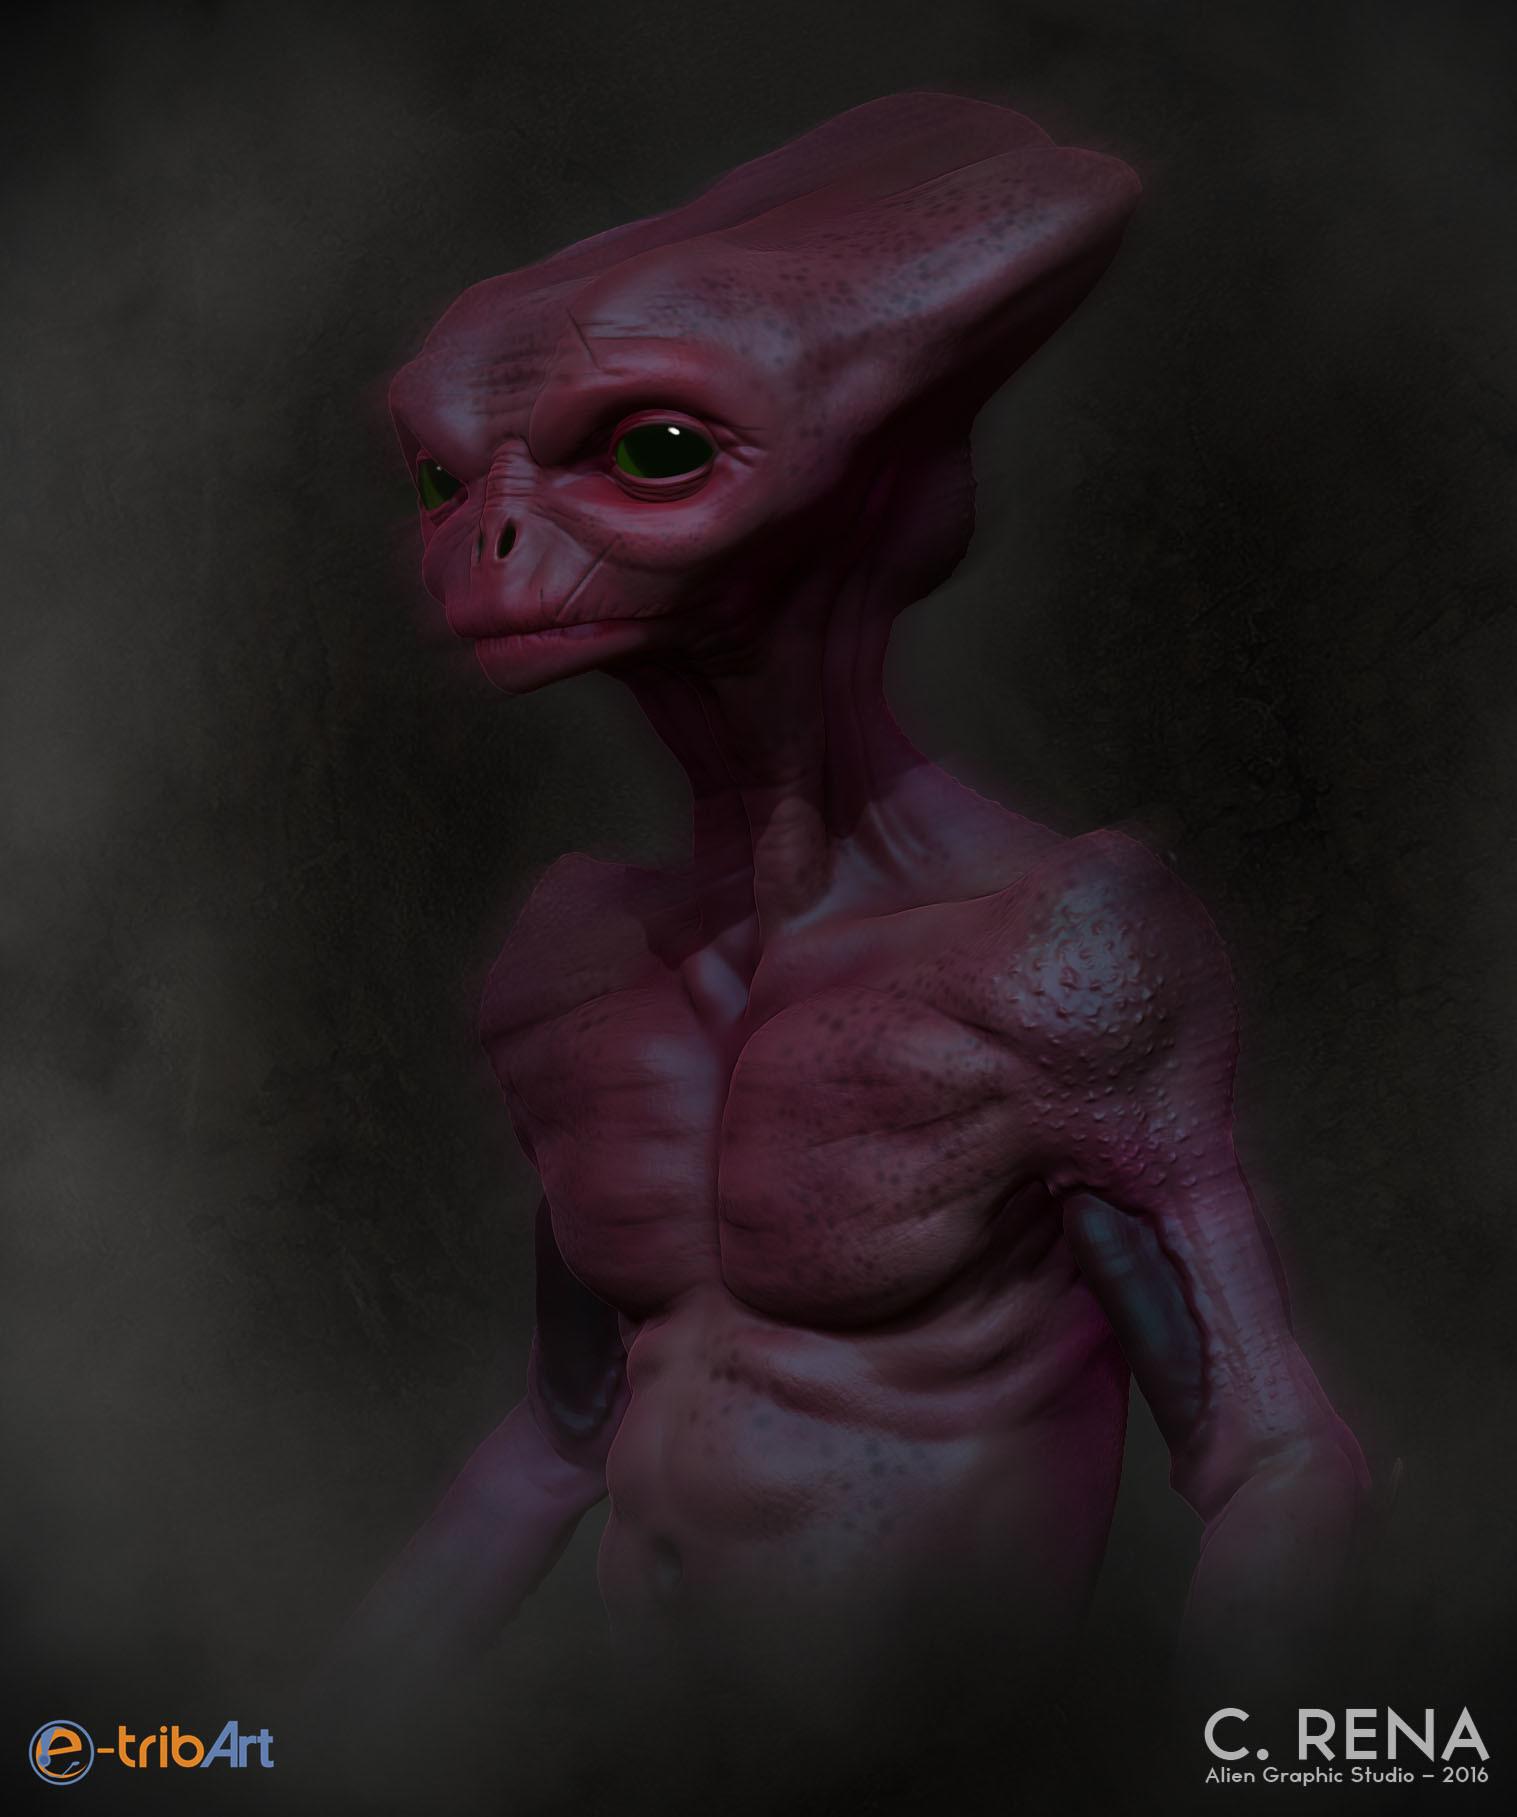 Chris rena weird alien final